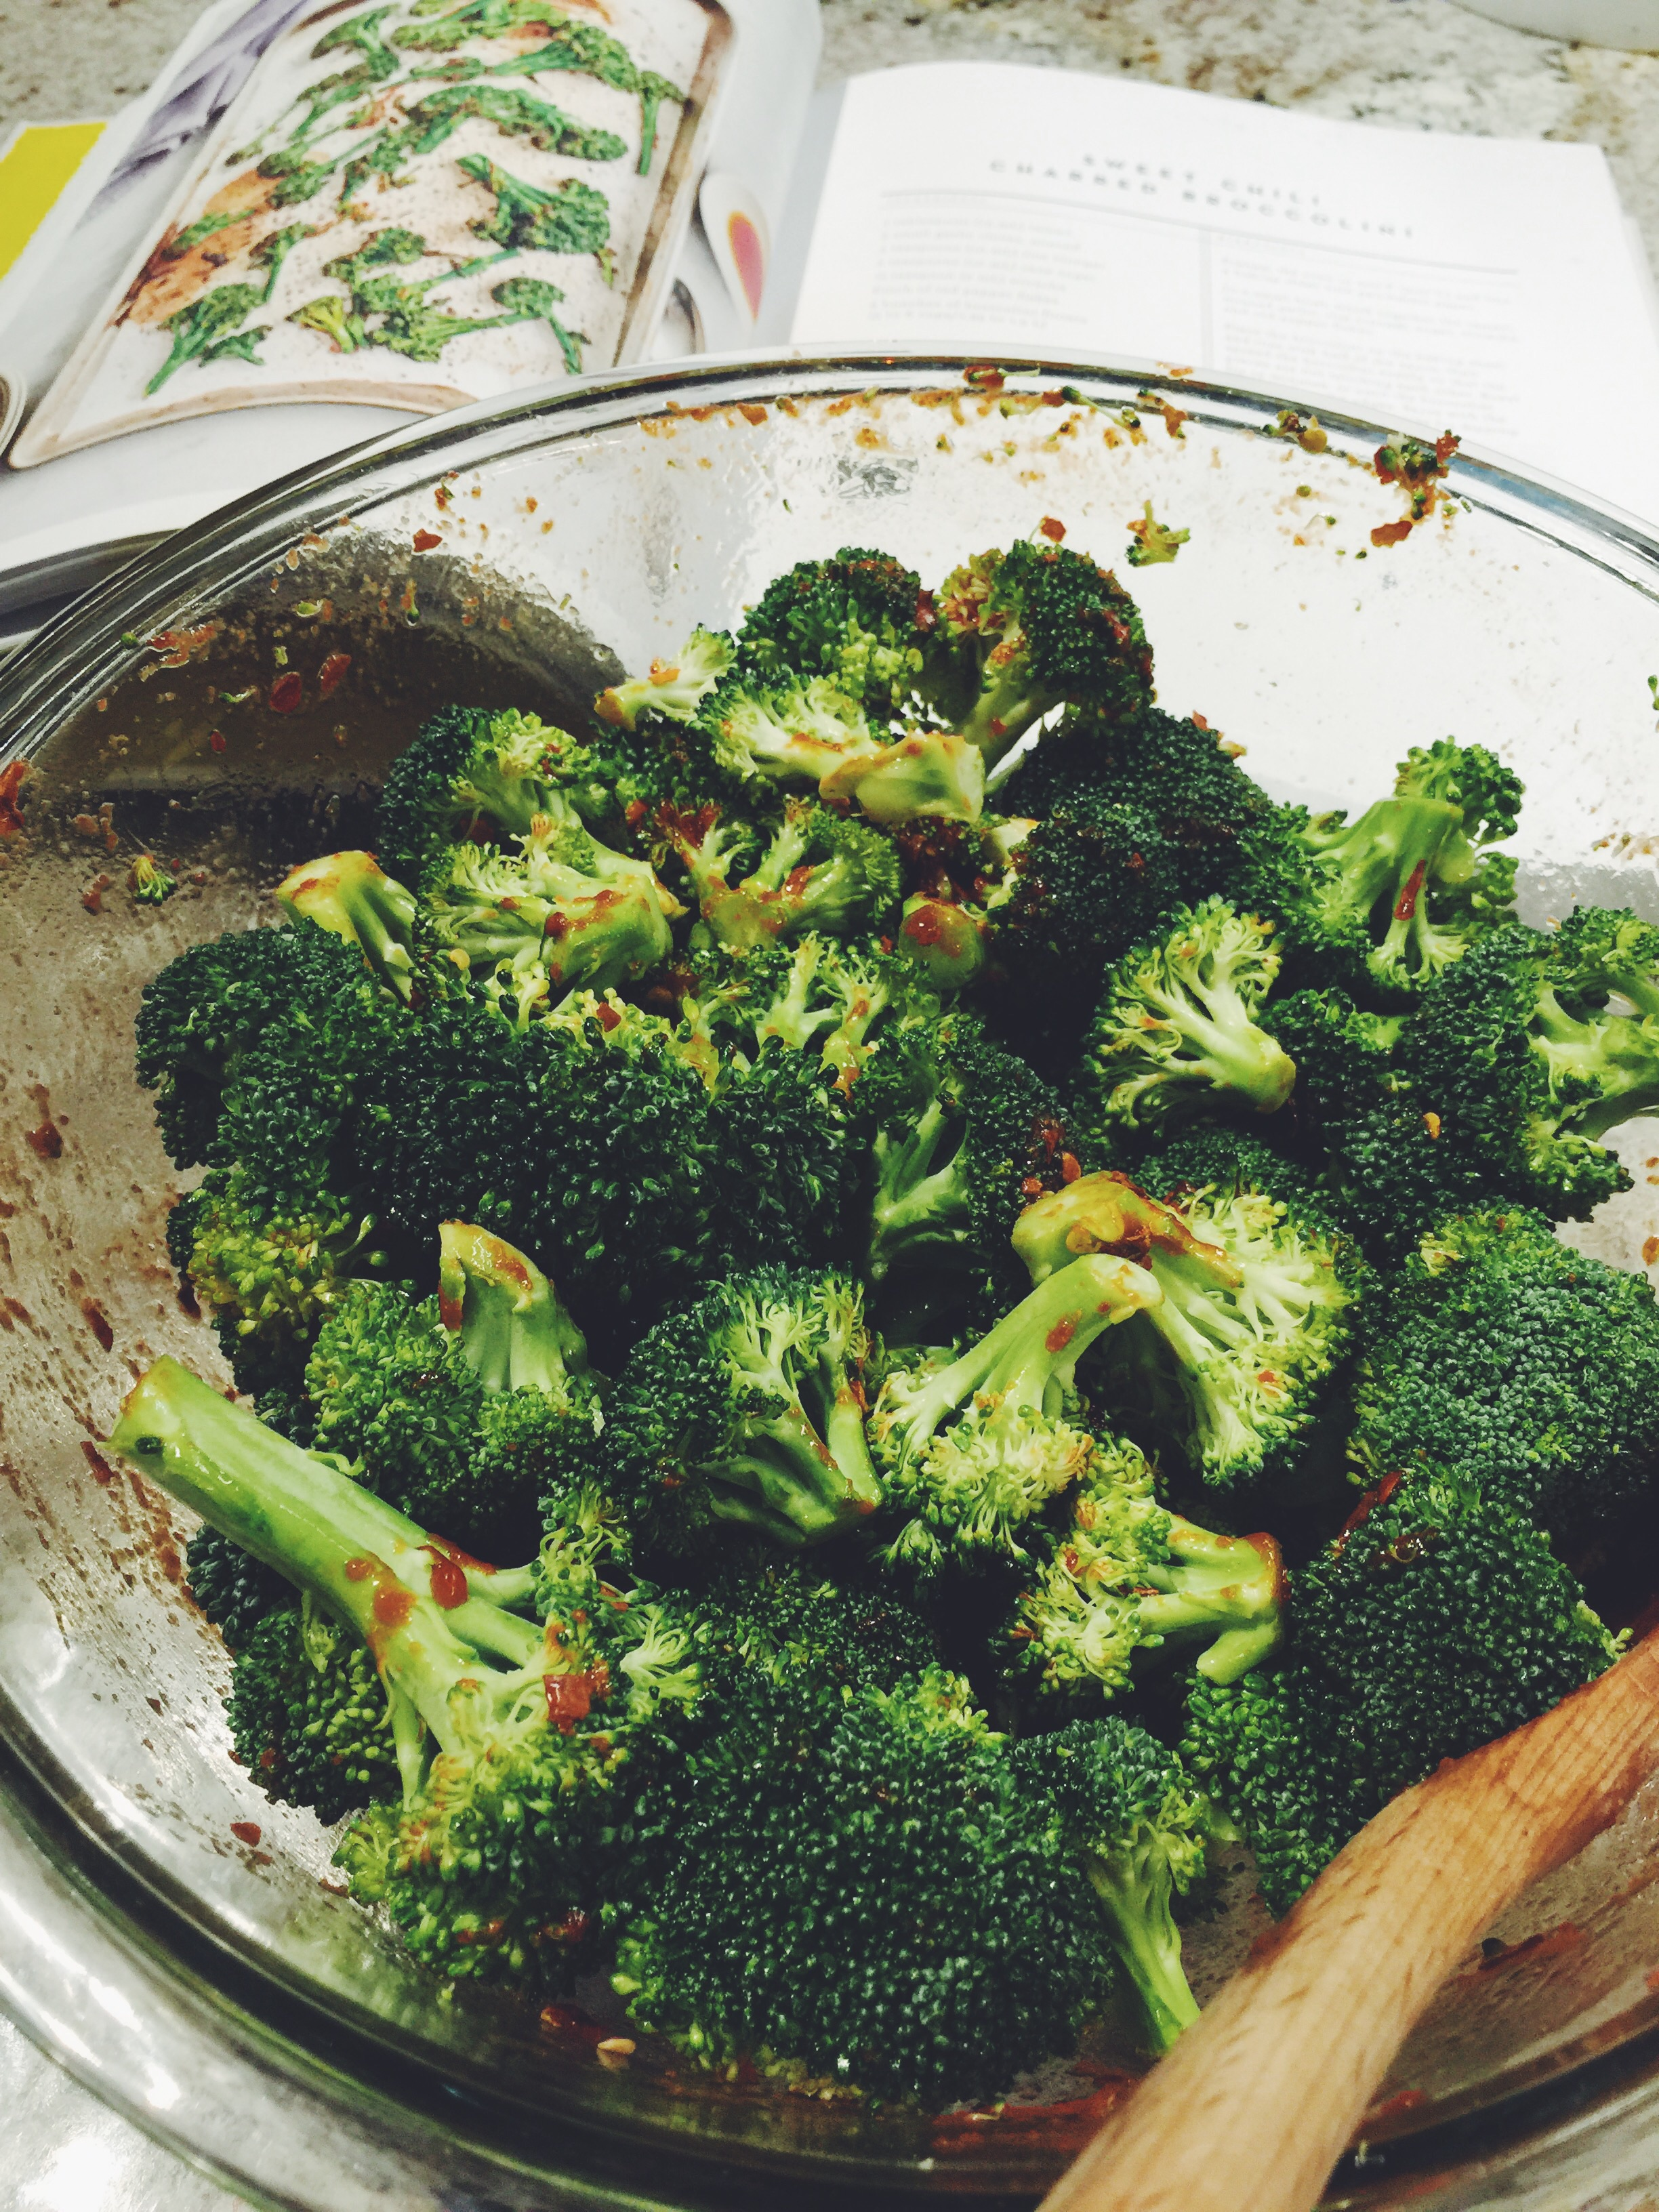 chili-glazed broccoli